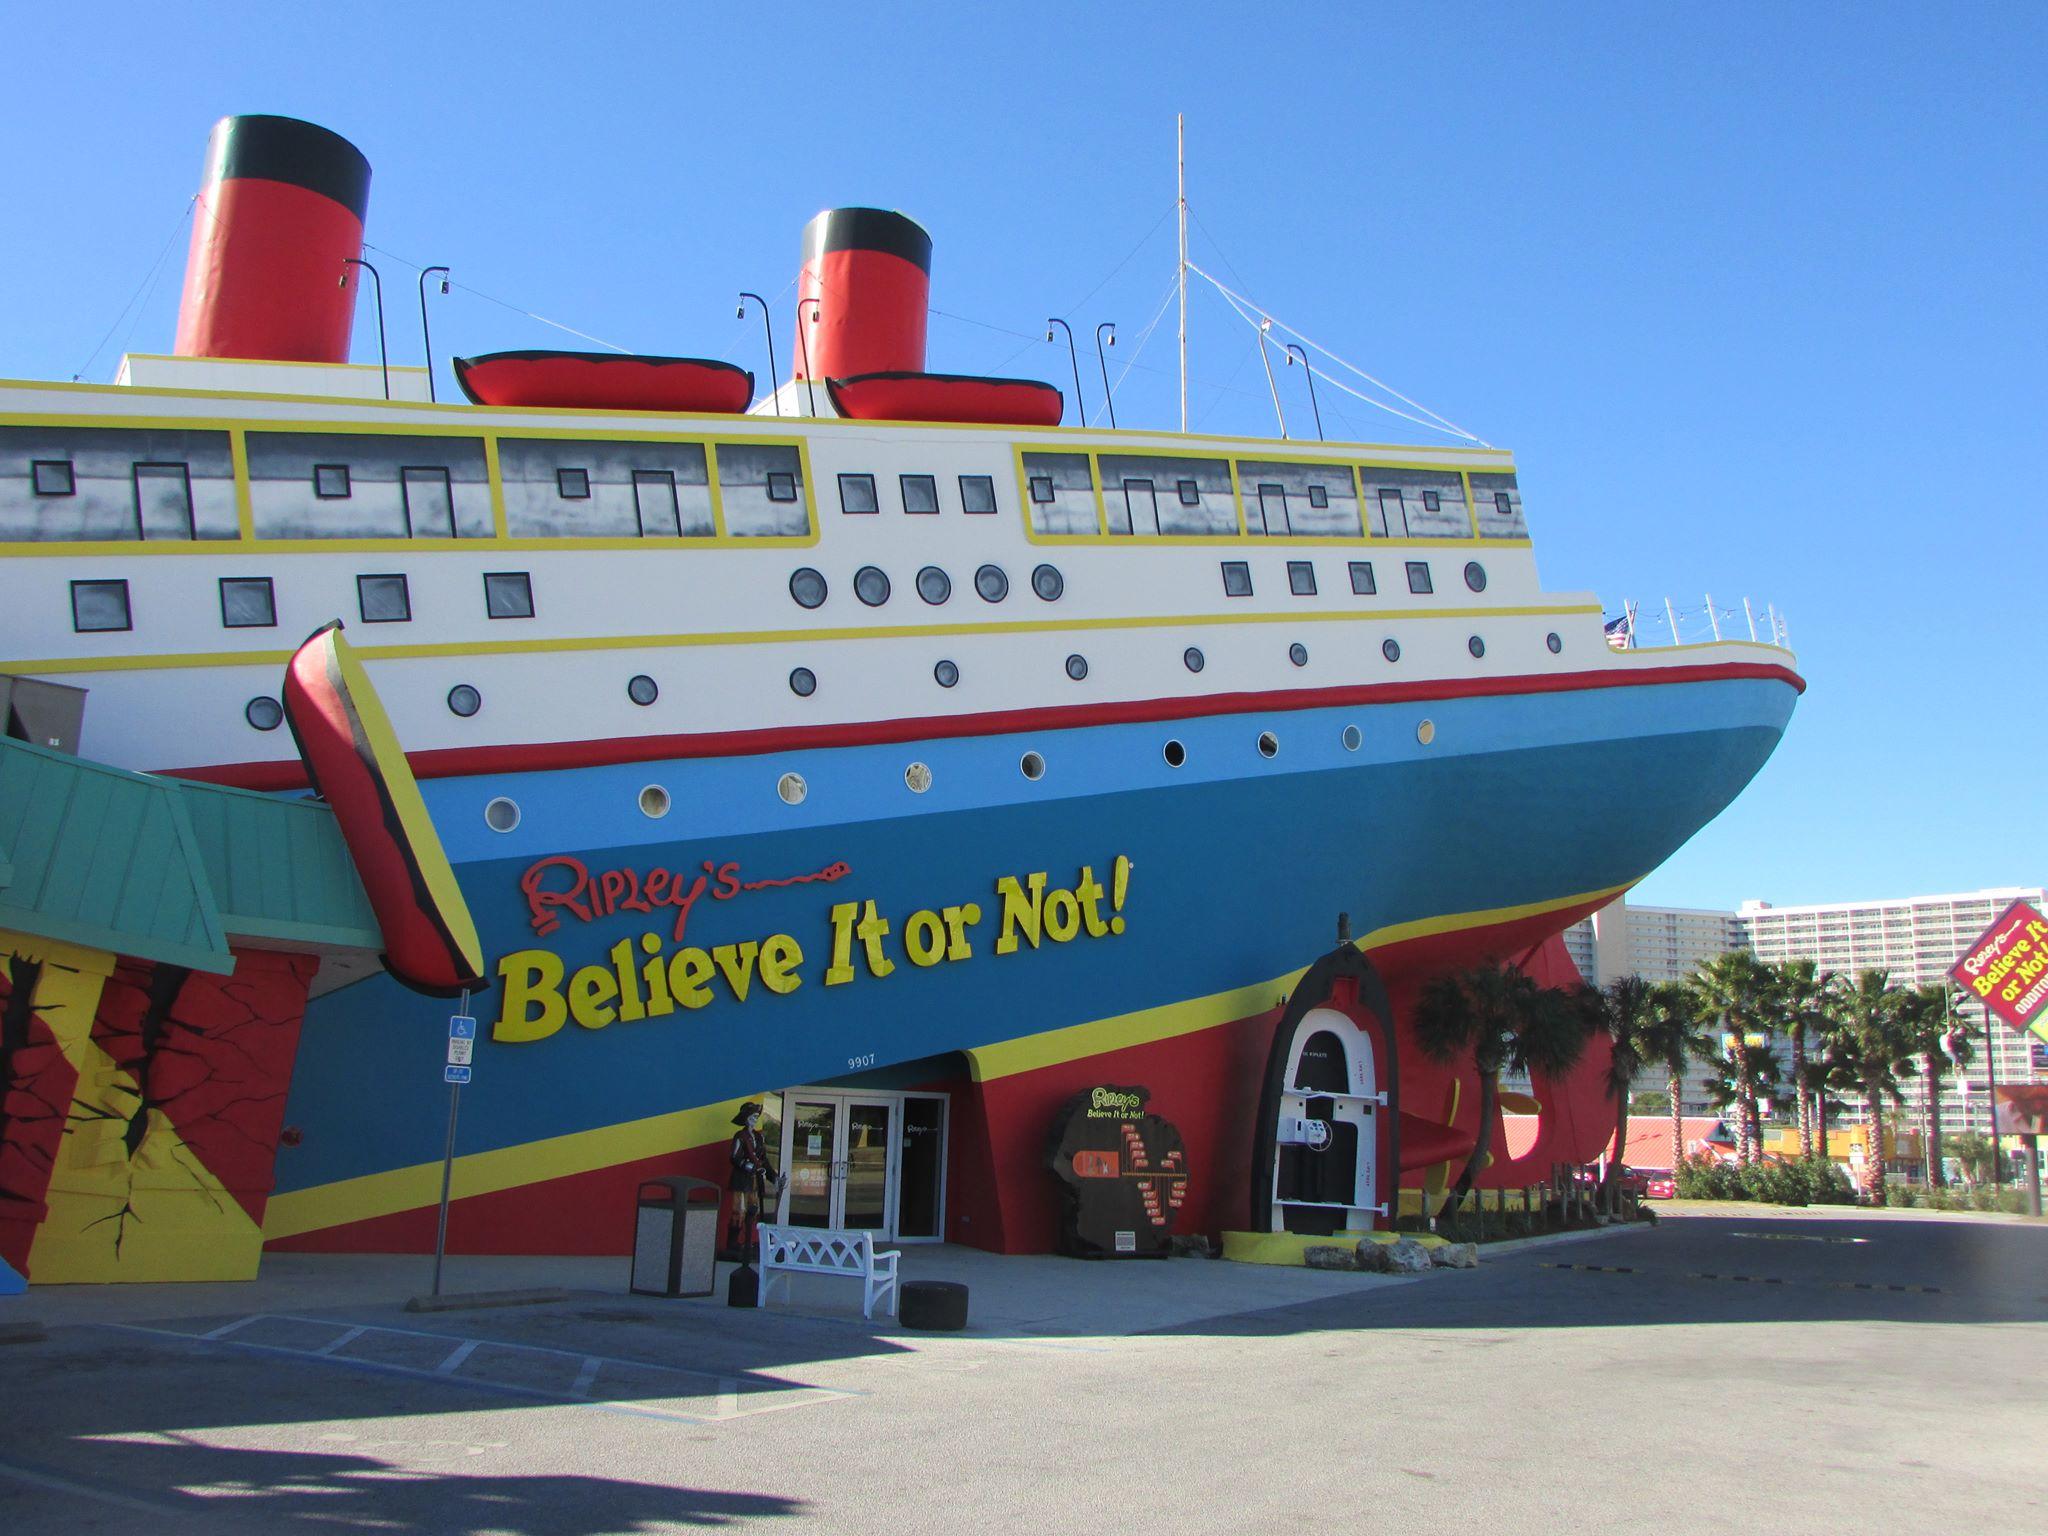 Ripley's Believe It or Not! (Panama City Beach, FL)